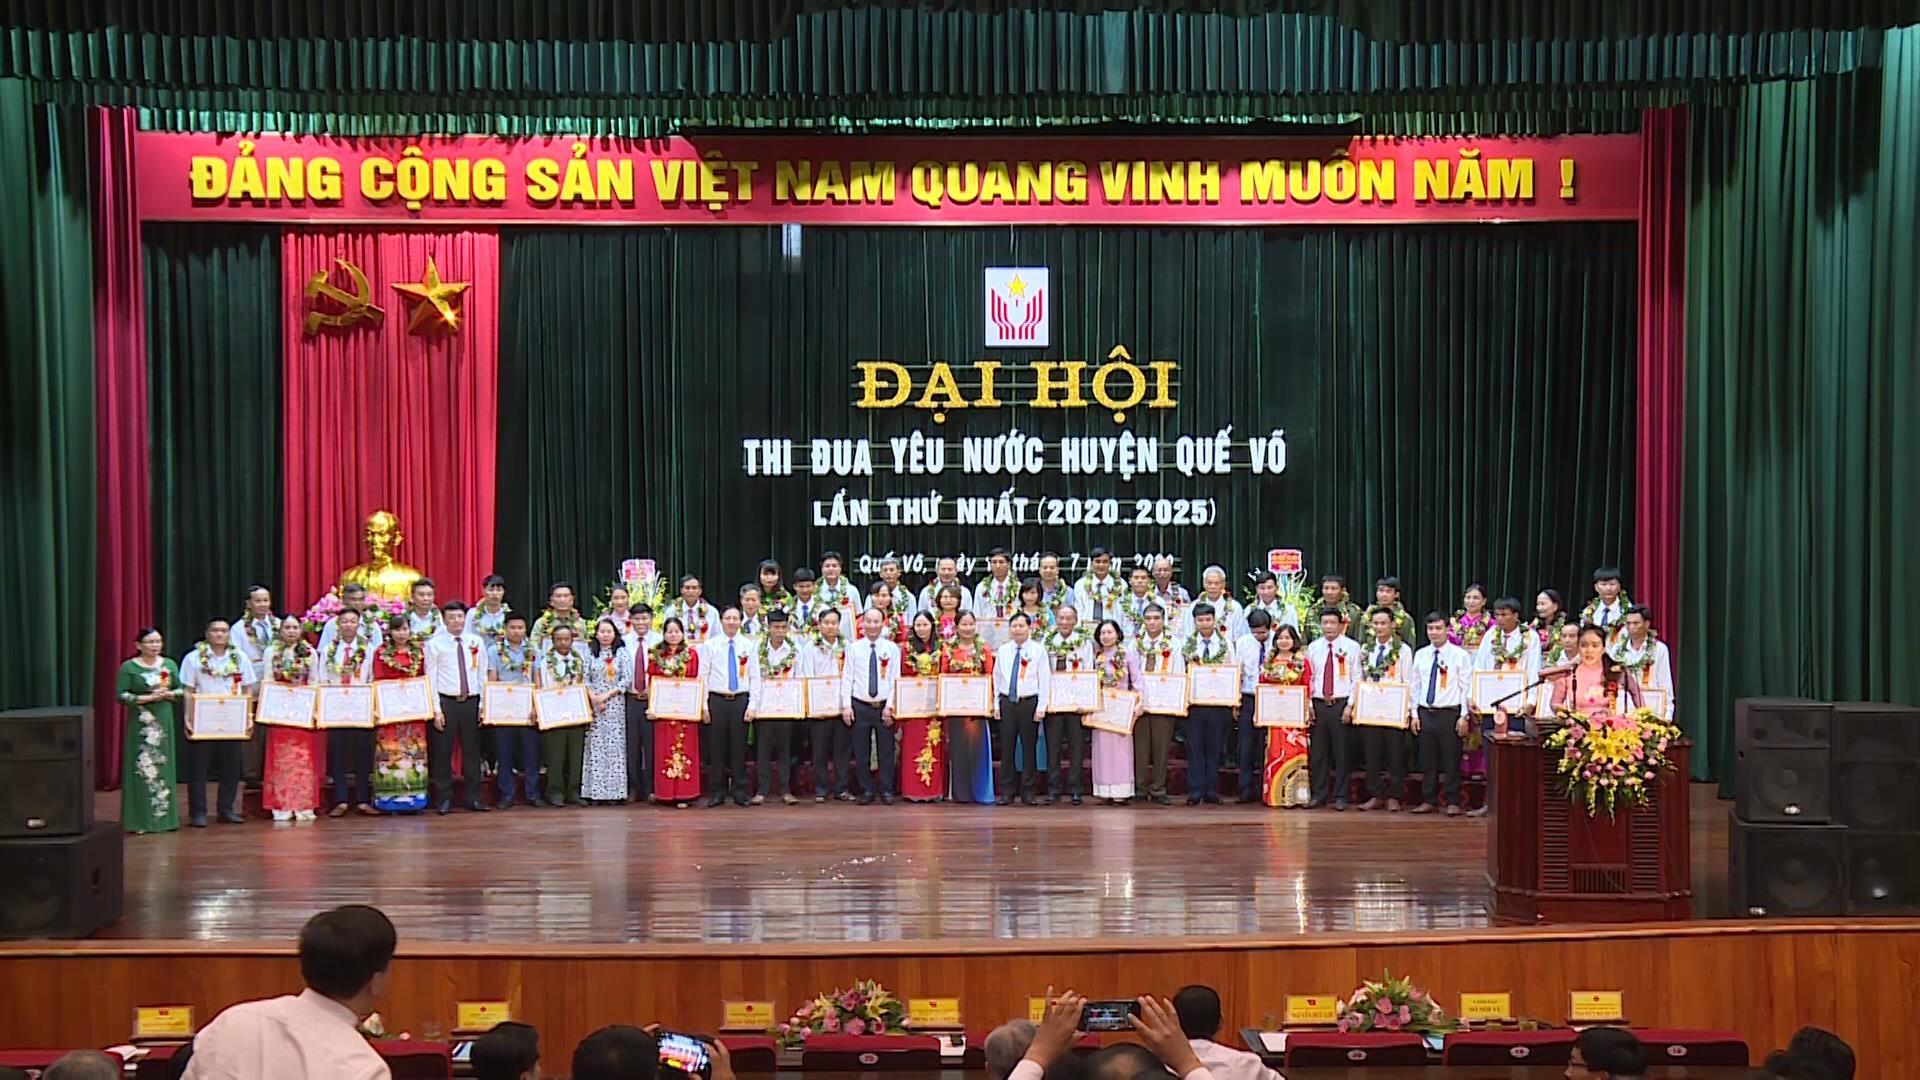 Đại hội thi đua yêu nước huyện Quế Võ lần thứ nhất (giai đoạn 2020 - 2025)